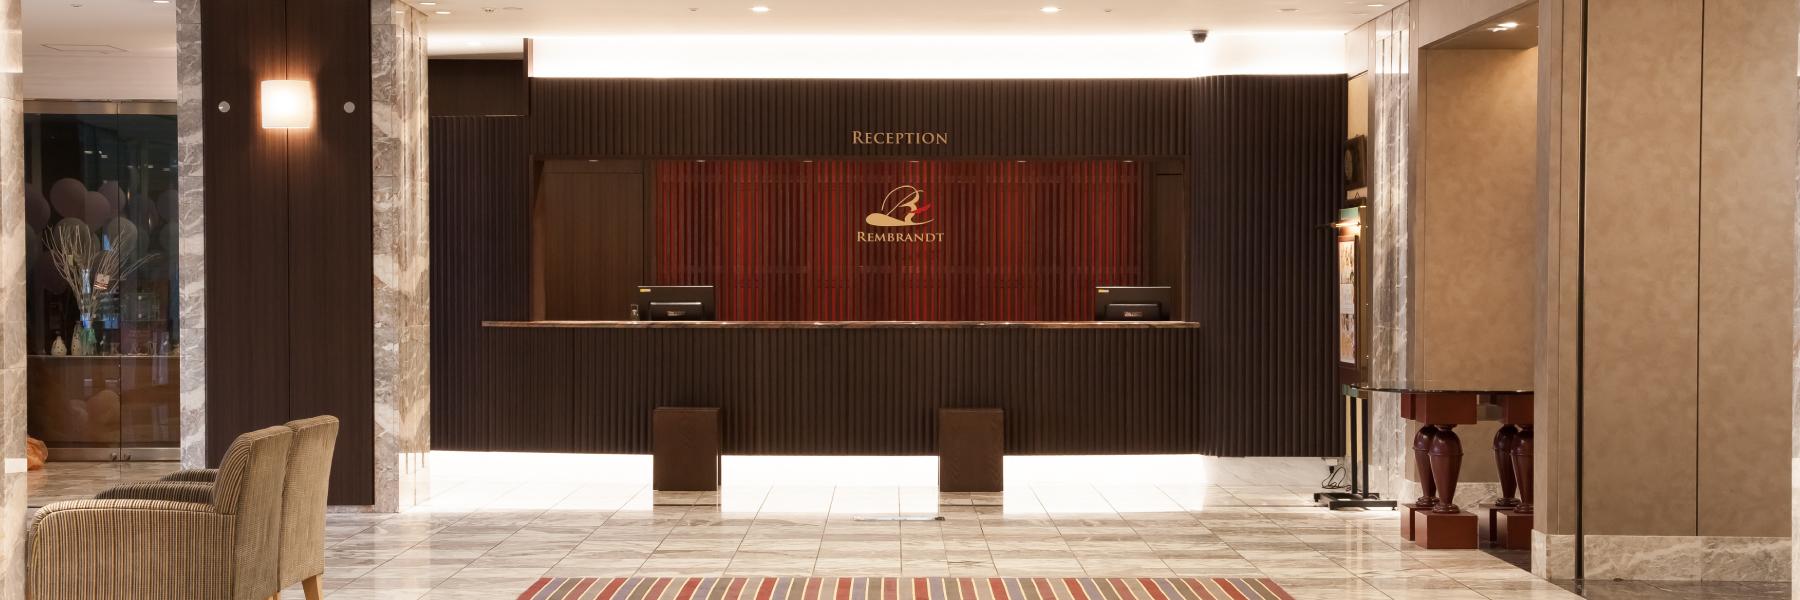 スタッフブログ|レンブラントホテル海老名【公式】レンブラントグループホテル